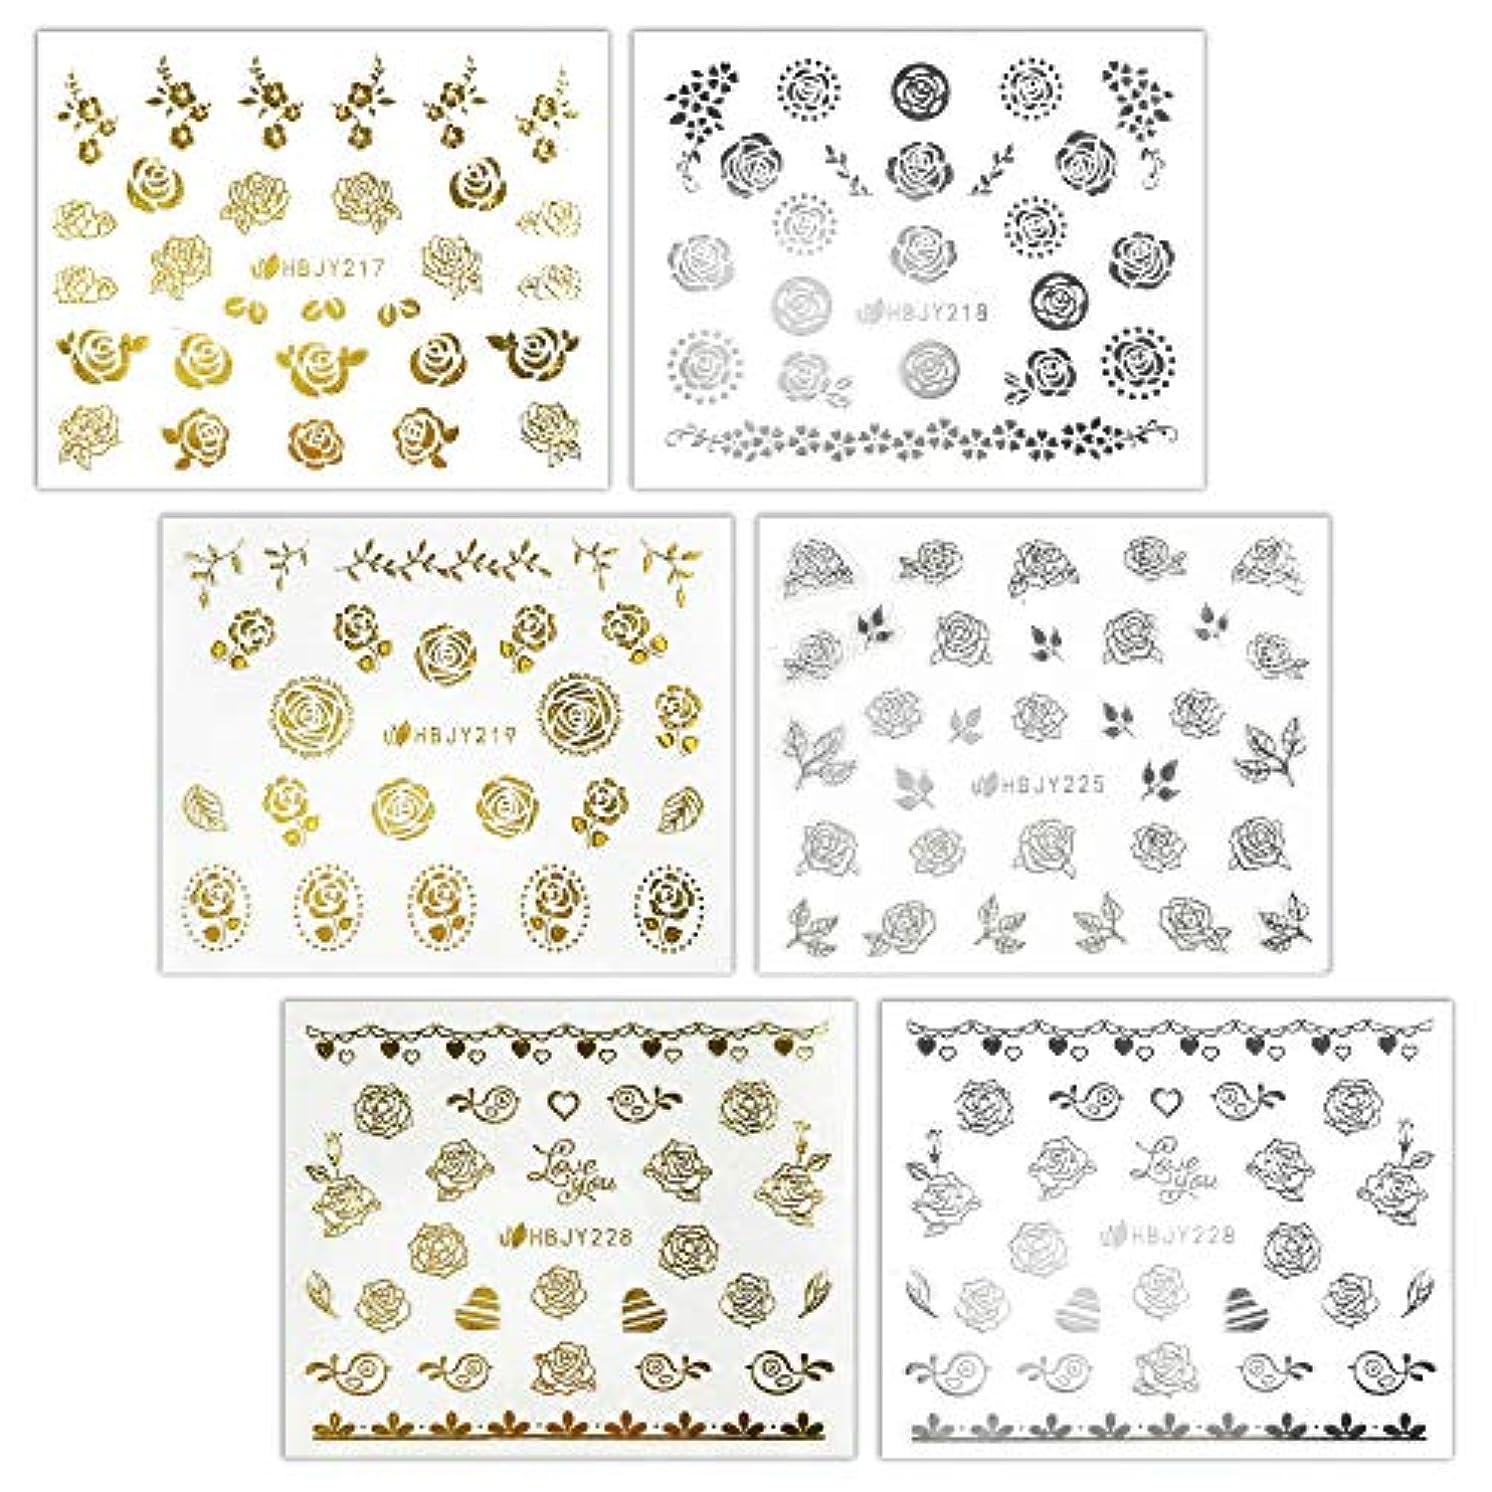 脅かす医療過誤排泄物【リュミエラ】6枚セット レジン ネイル シールJ【3種類×2色 各1枚】ゴールド シルバー いろんなバラ ネイルにも!